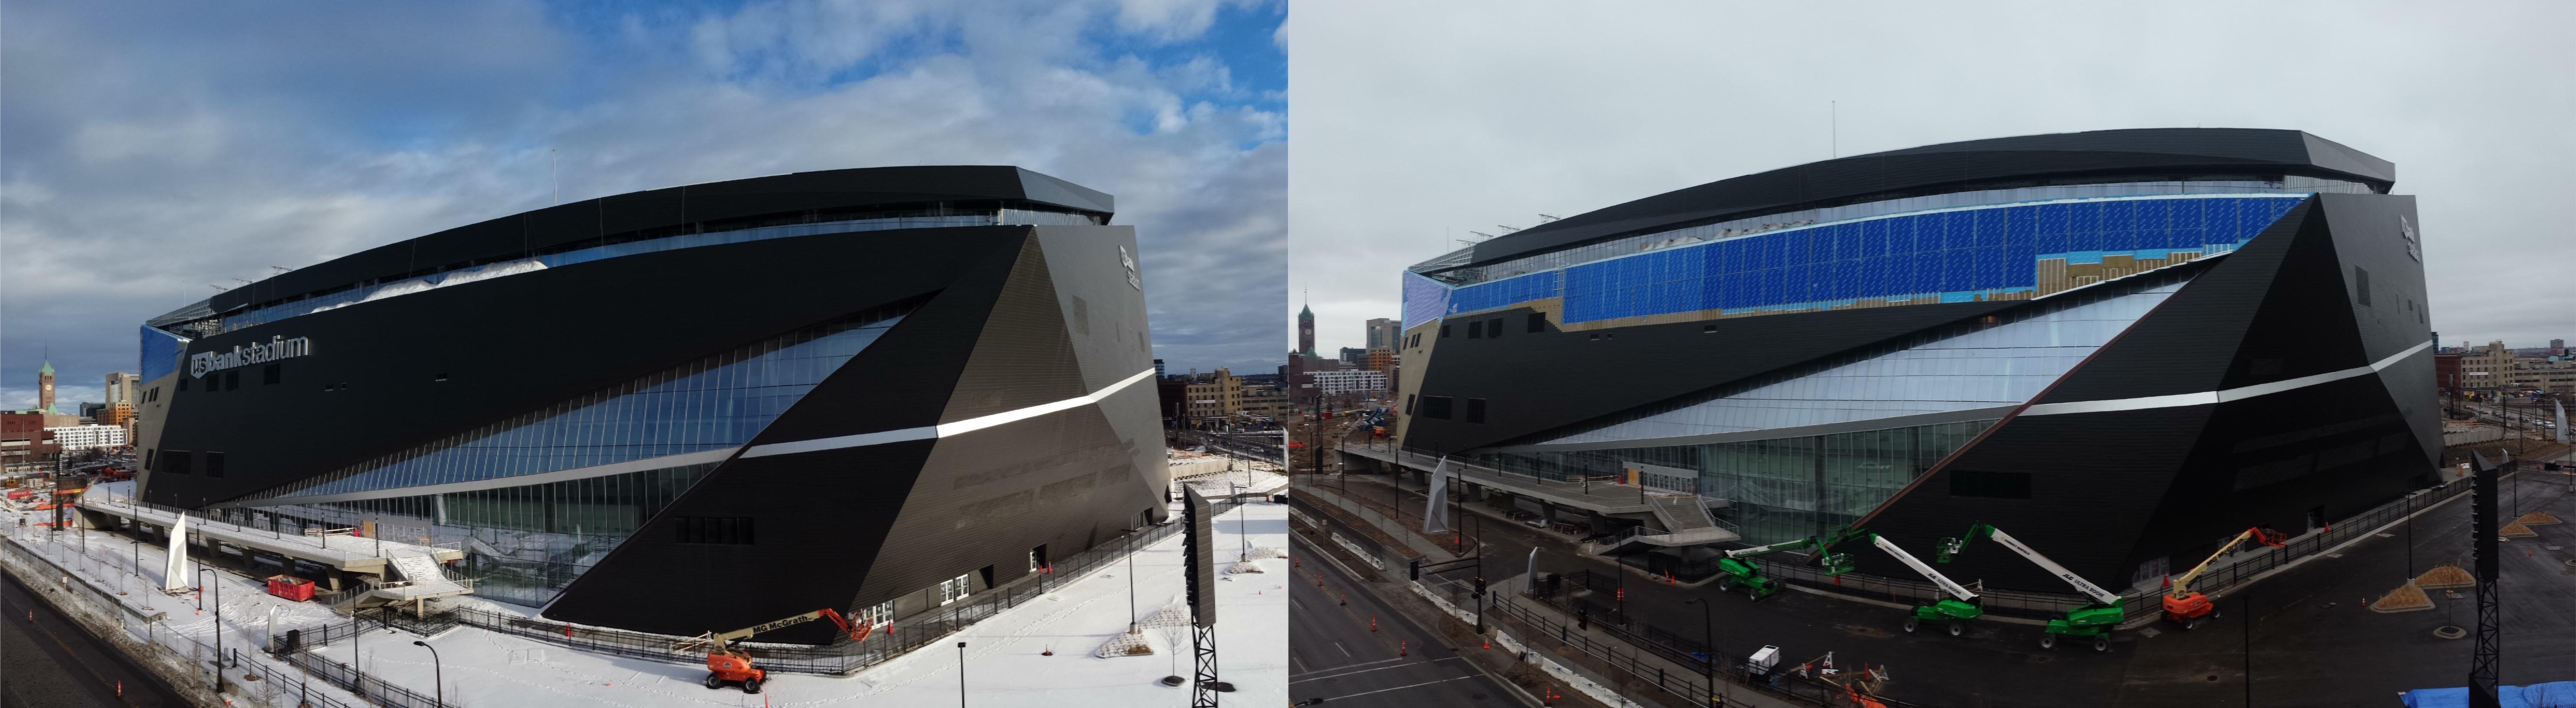 Stadium Snow Damage Comparison 1